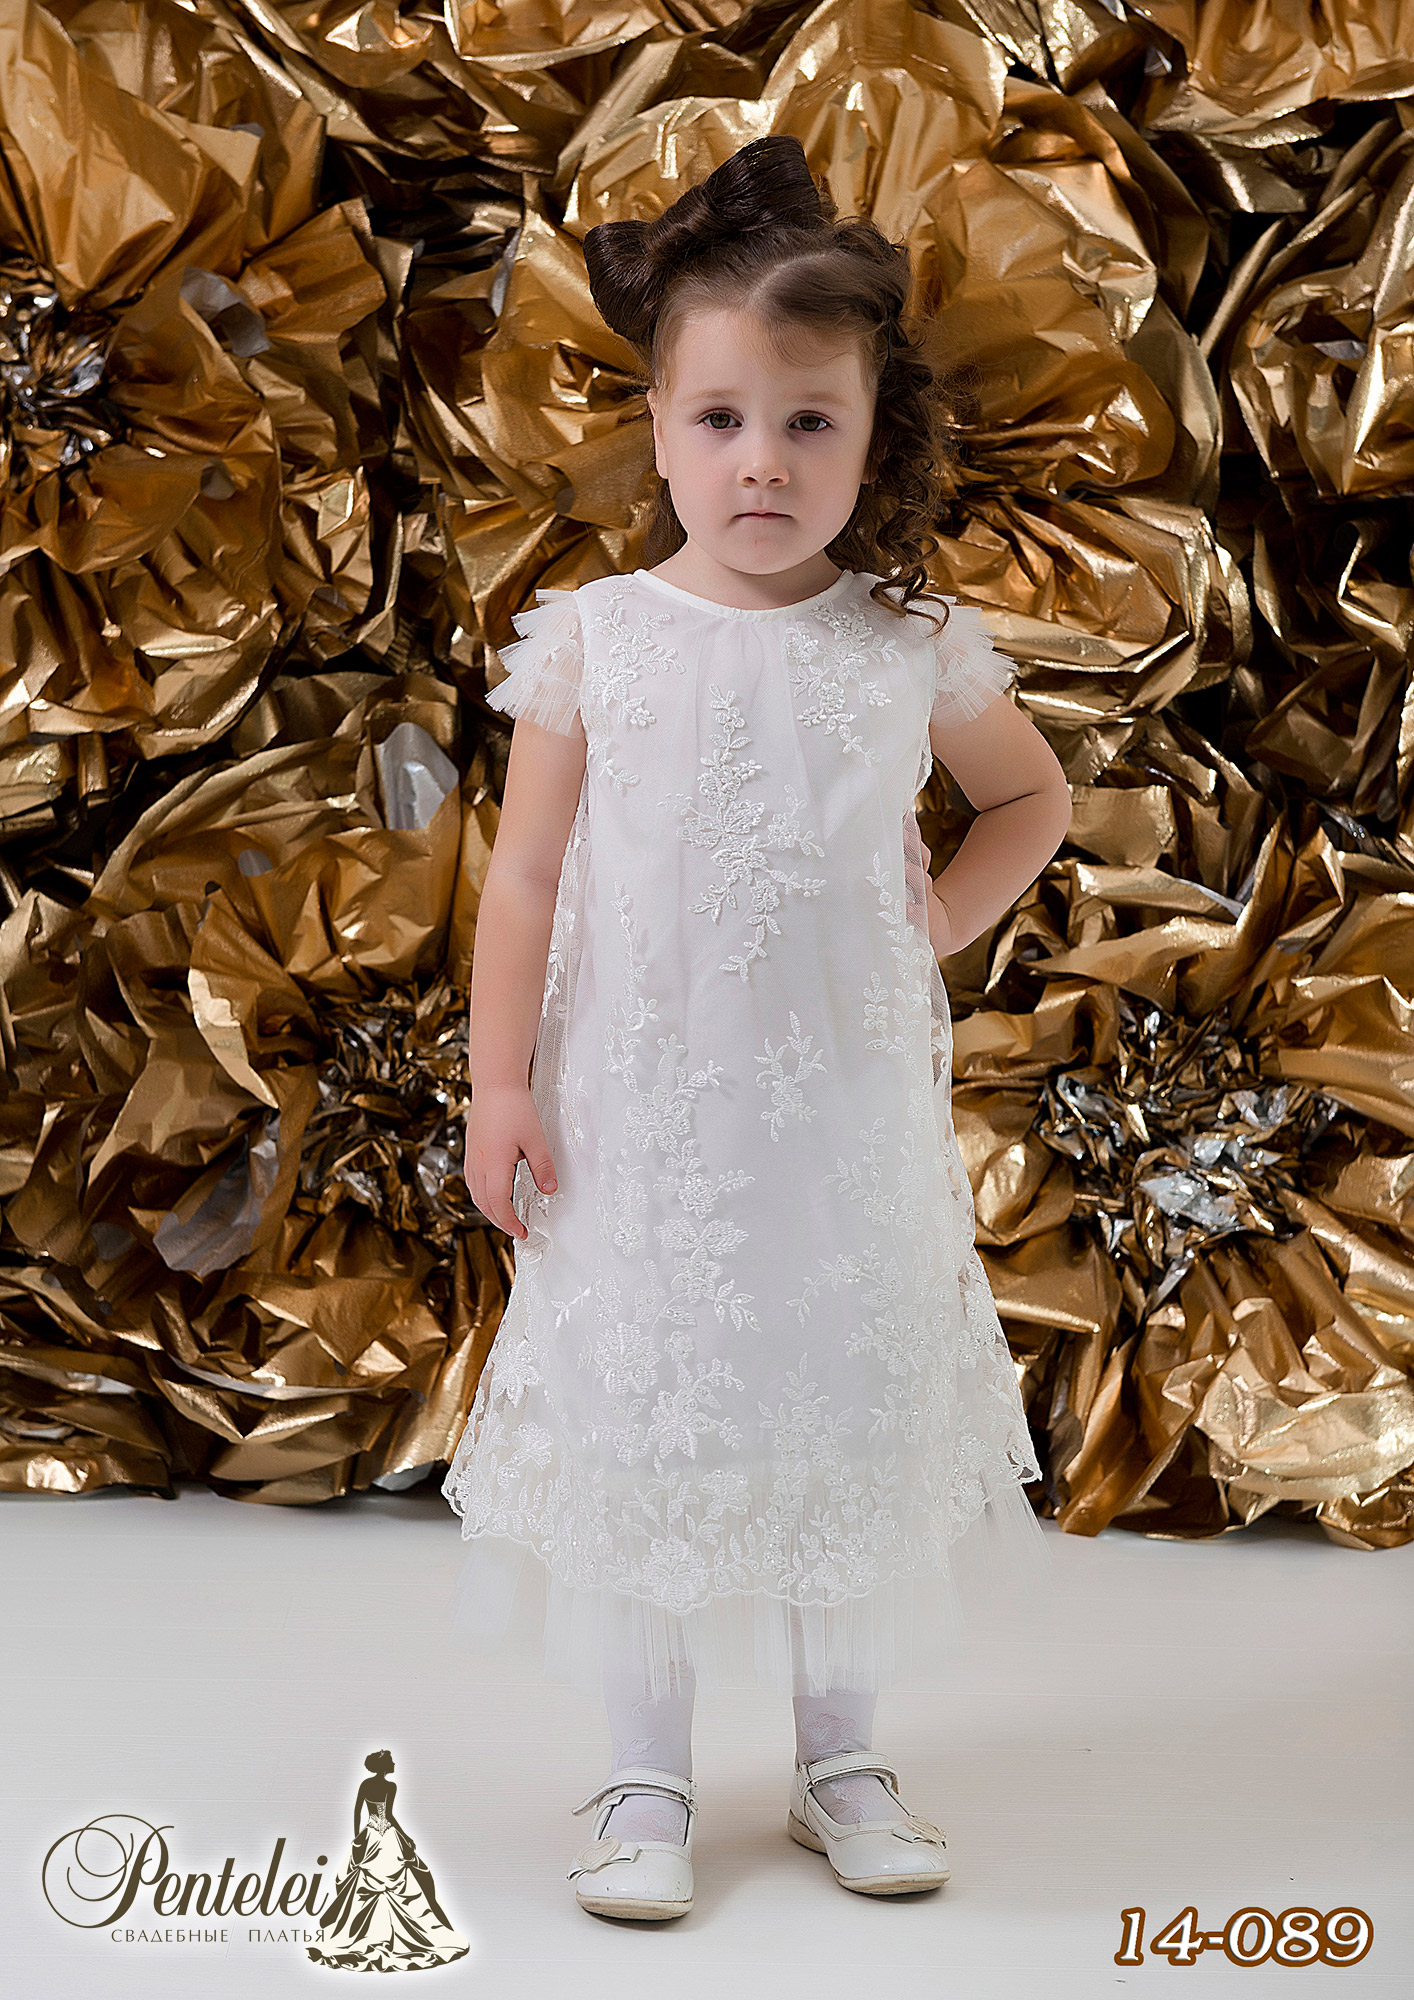 14-089 | Купити дитячі сукні оптом від Pentelei